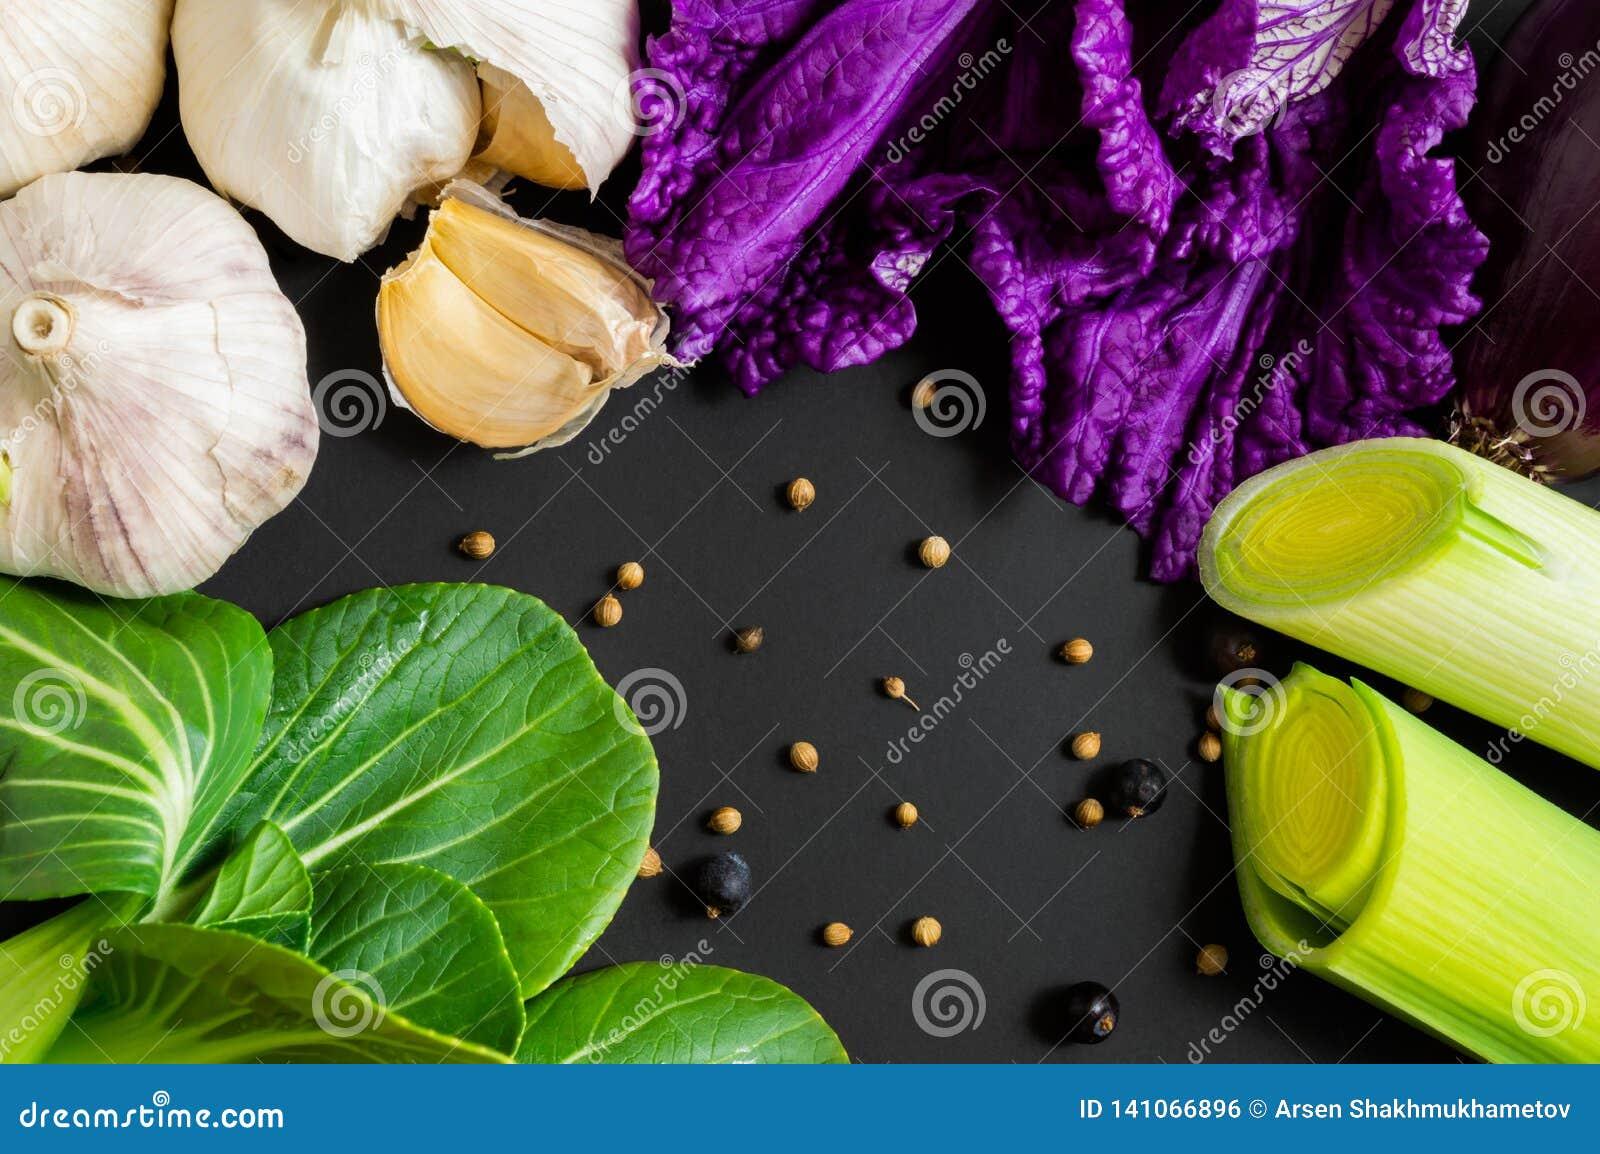 Frischgemüse: bok choy Chinakohl, Knoblauch, Porree und Salat auf schwarzem Hintergrund Gesunde Nahrung Flach-Lage, Draufsicht